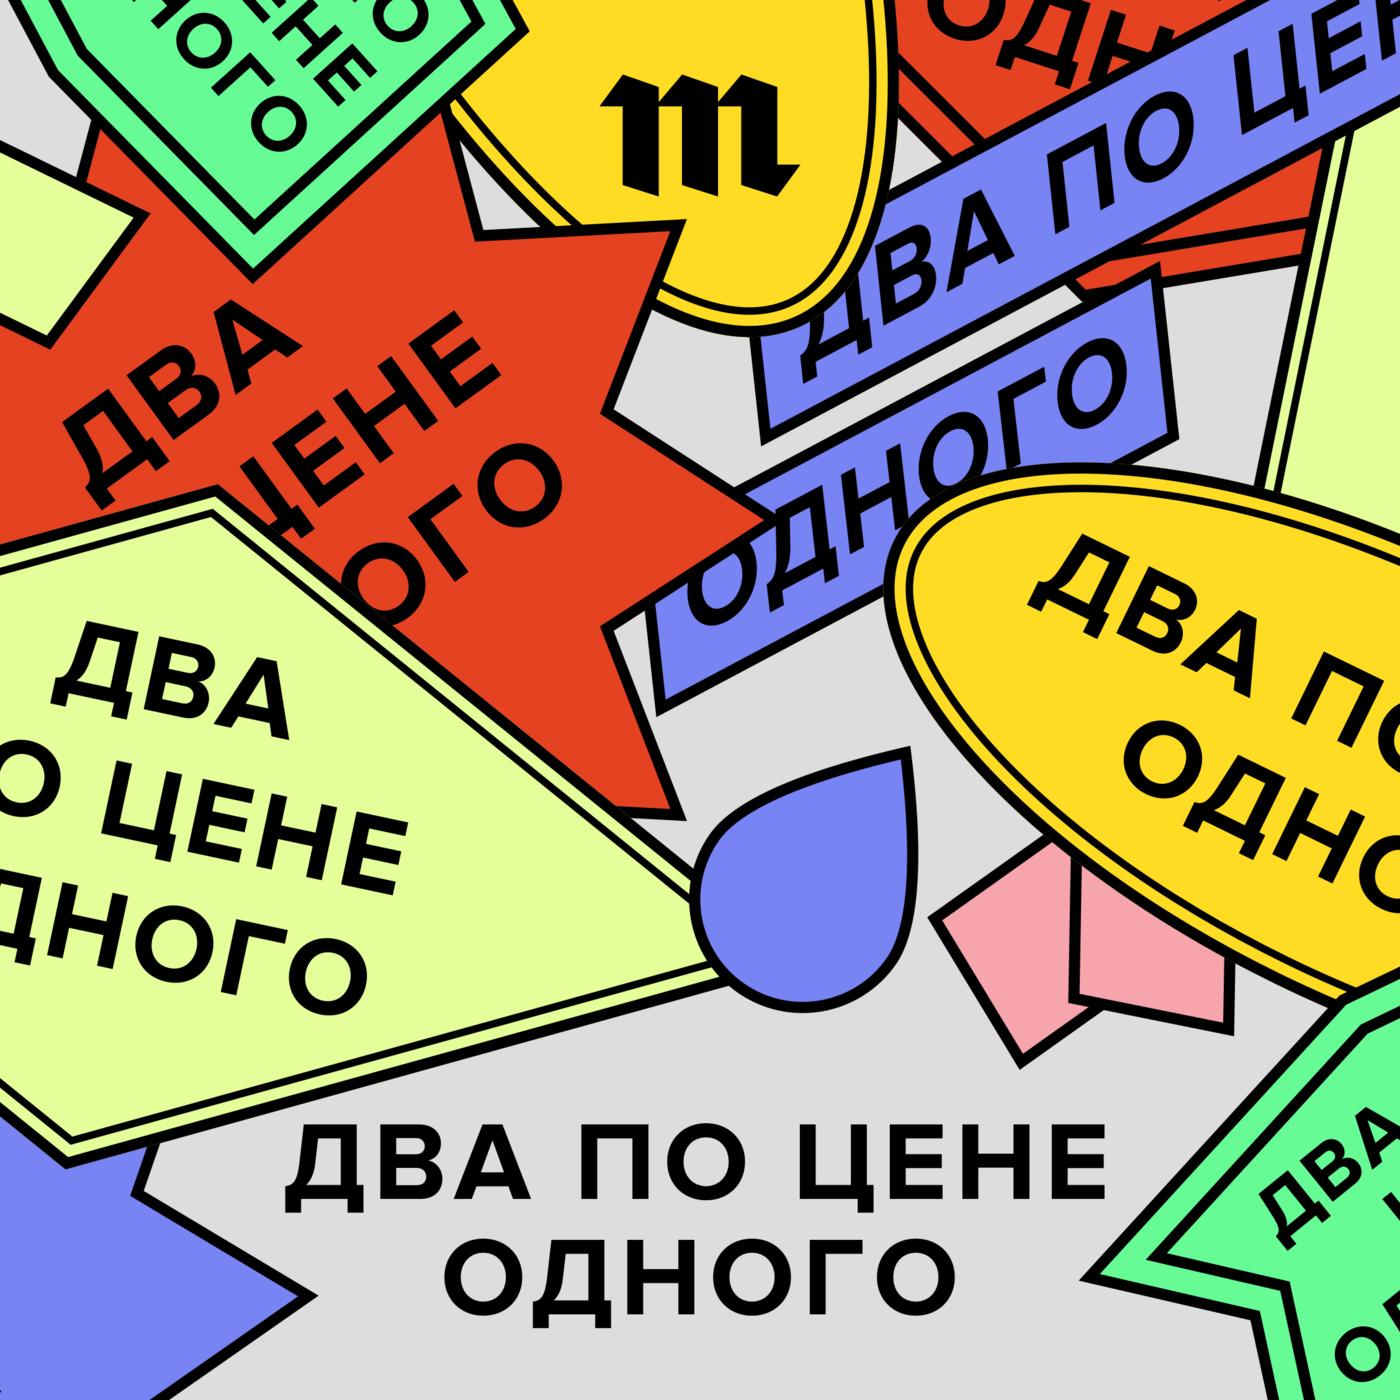 Илья Красильщик Как помогать родителям? И когда принимать помощь от них? цены онлайн